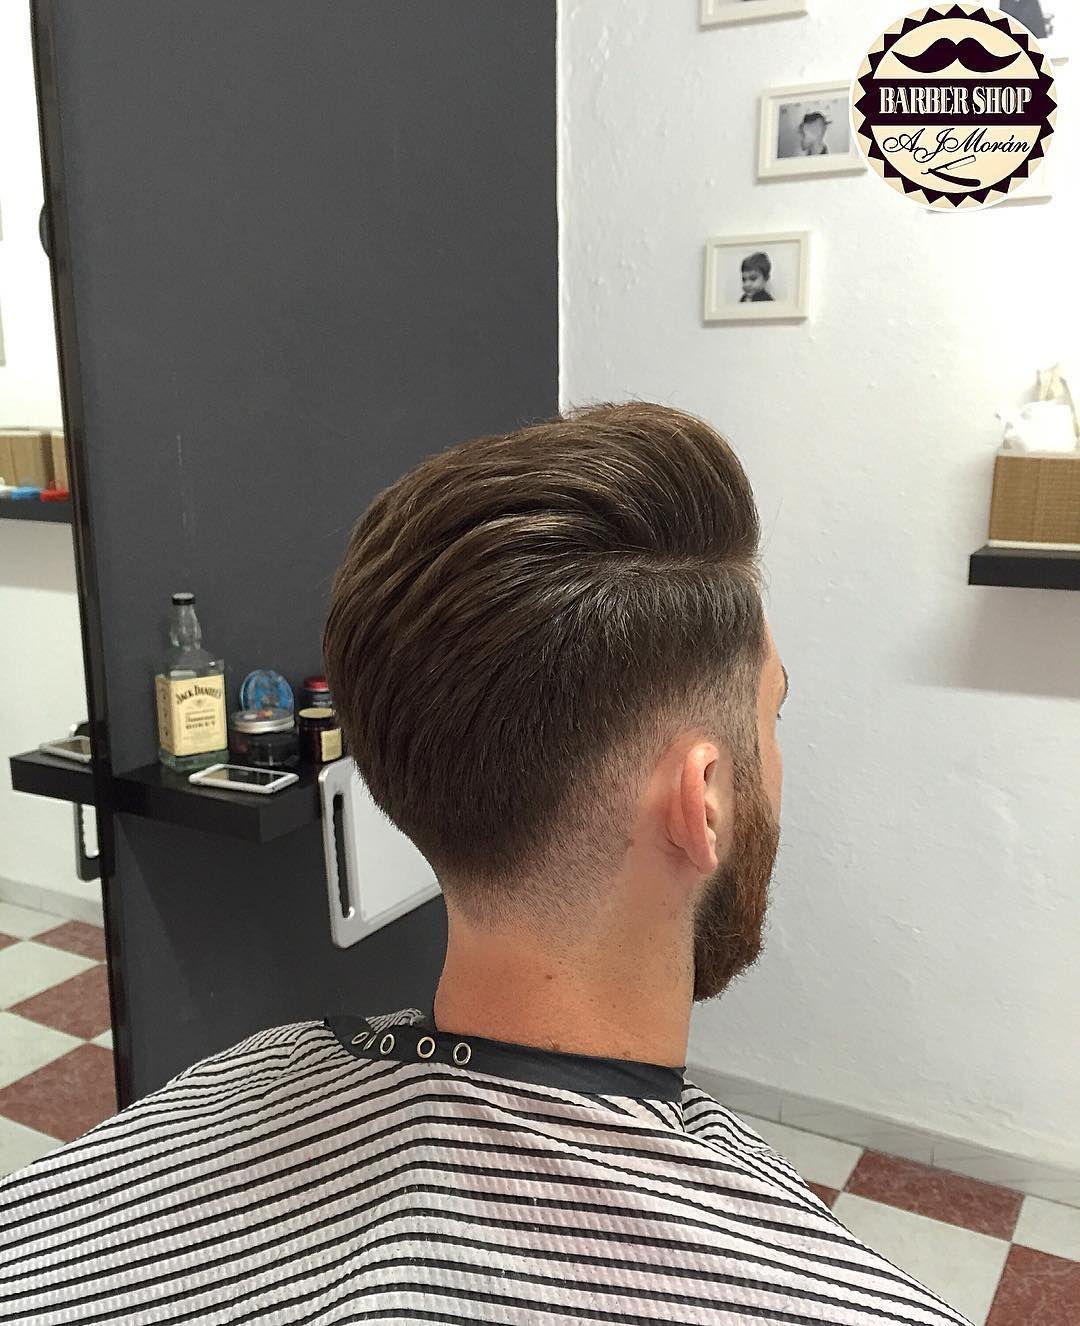 #barbershopAJMoran #barbershop #barber #barbero #barberia #americancrew #beard #internationalbarbers #barbershopconnect #barberlife #barberlove by barbershopajmoran